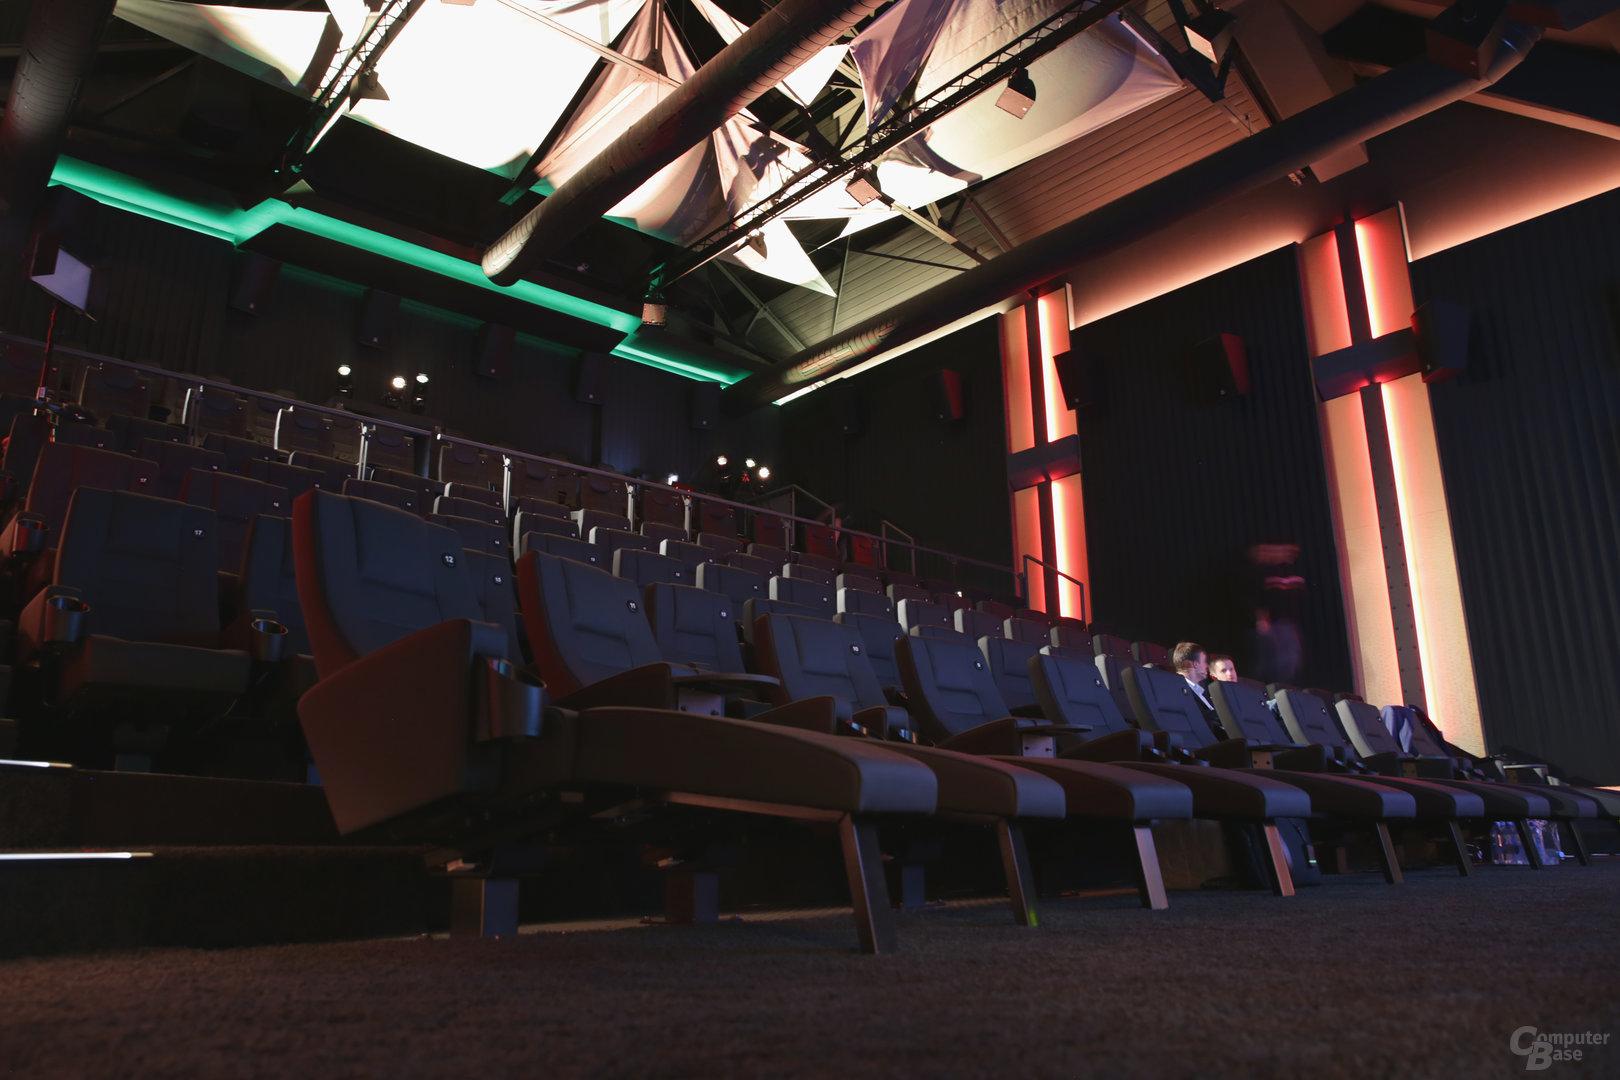 Liegesitze in der ersten Reihe des Kinos